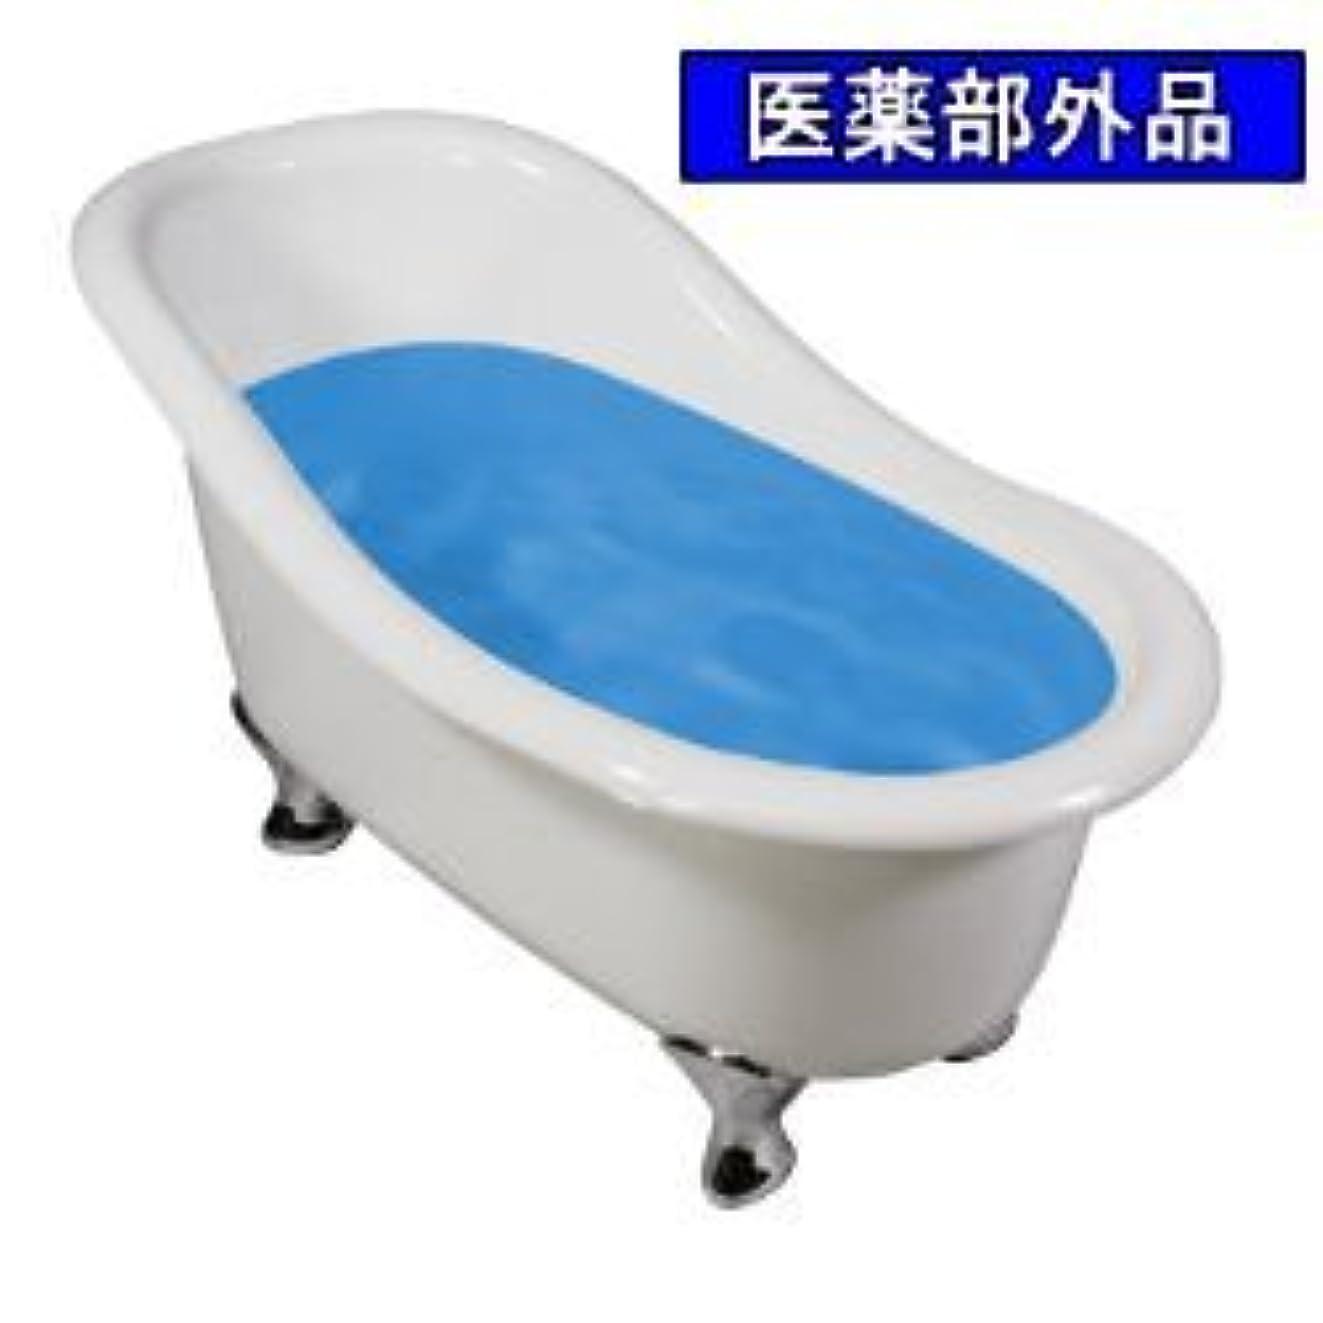 重なる剥ぎ取る容量業務用薬用入浴剤バスフレンド 森林浴 17kg 医薬部外品